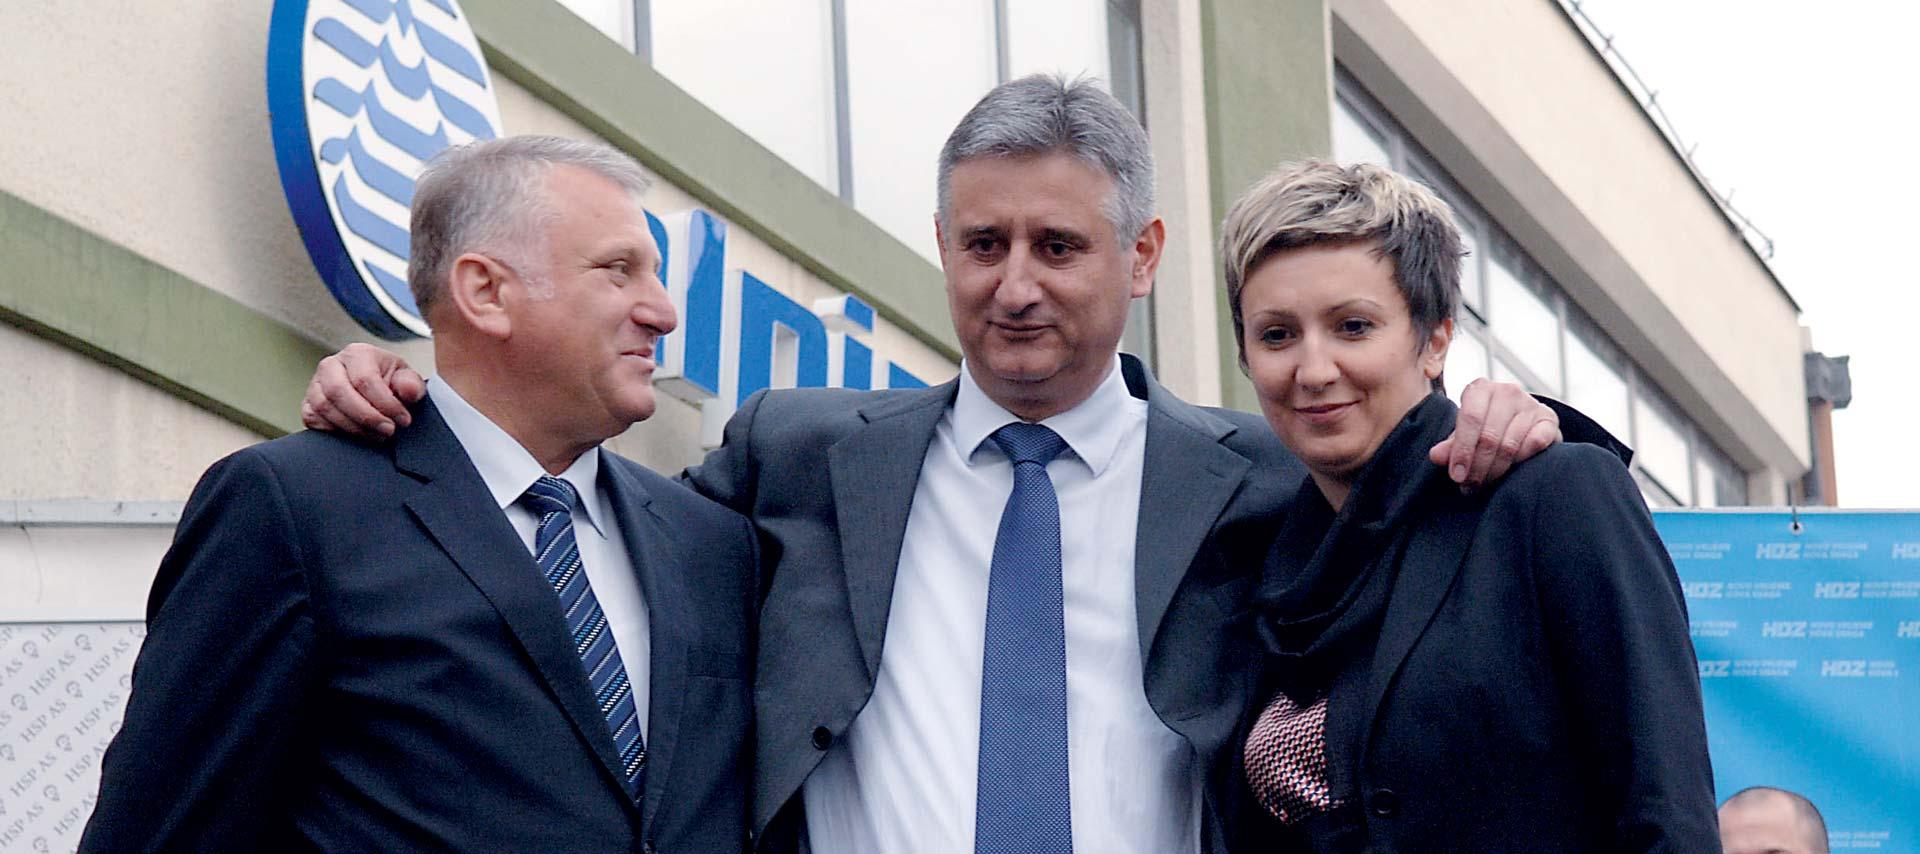 Državni odvjetnik iz Požege prijavljen zbog sumnji da je pogodovao voditeljici HDZ-ove kampanje